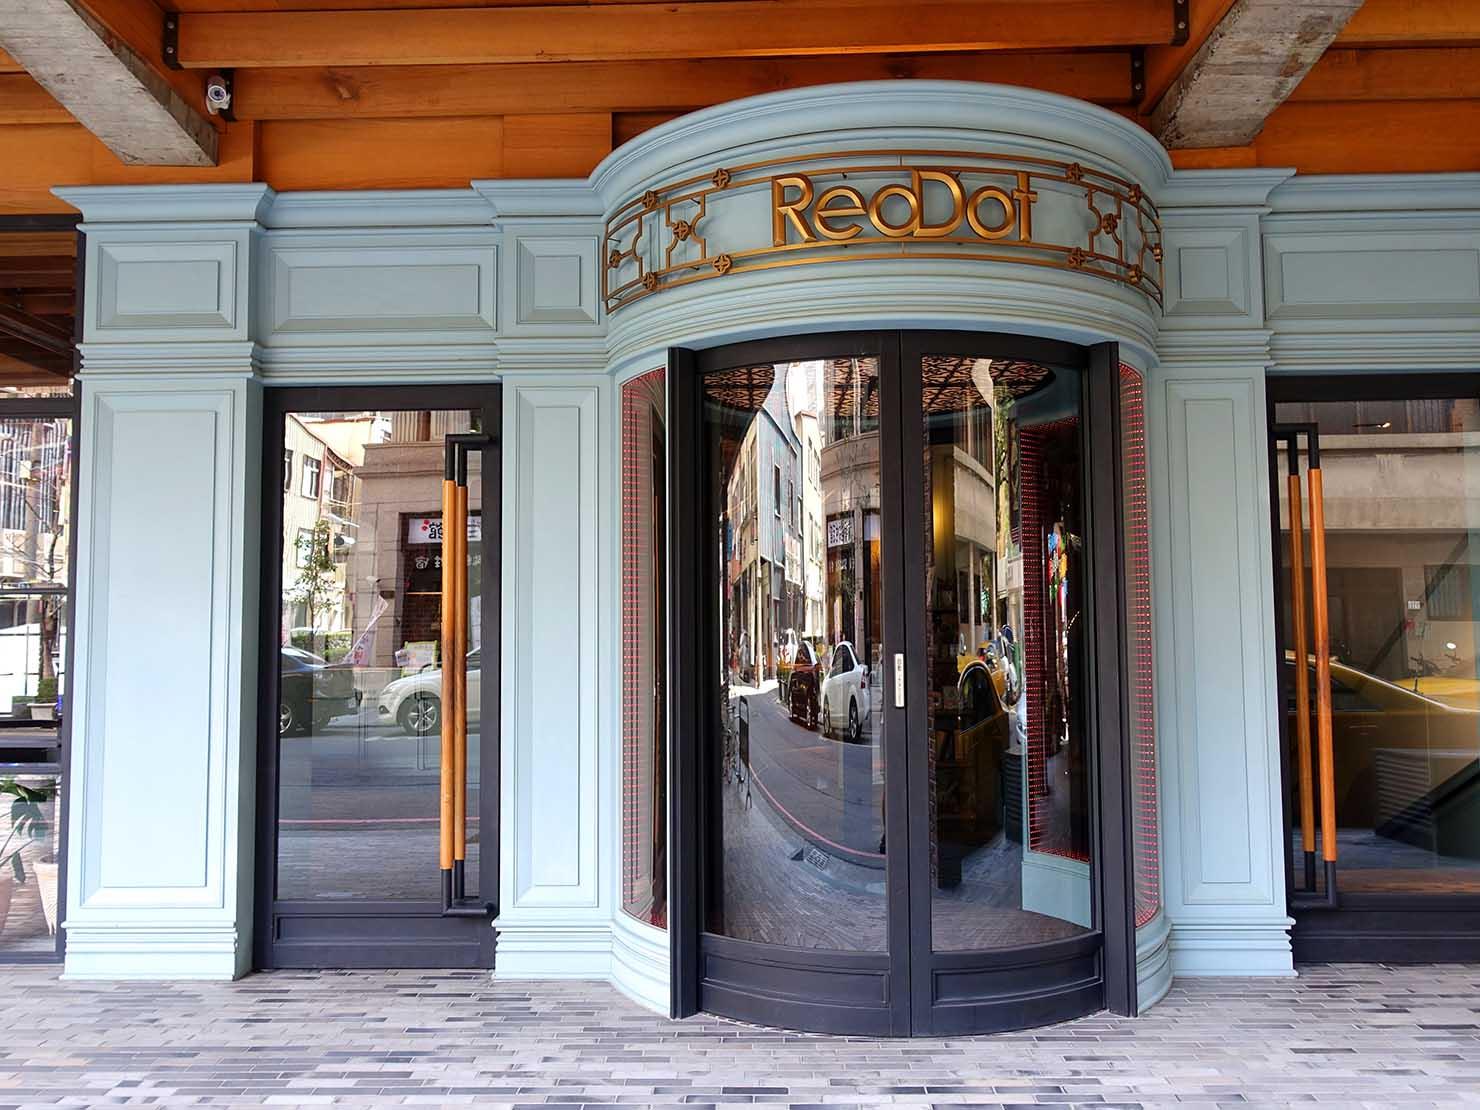 台中駅前のおすすめデザインホテル「紅點文旅 RedDot Hotel」のエントランス